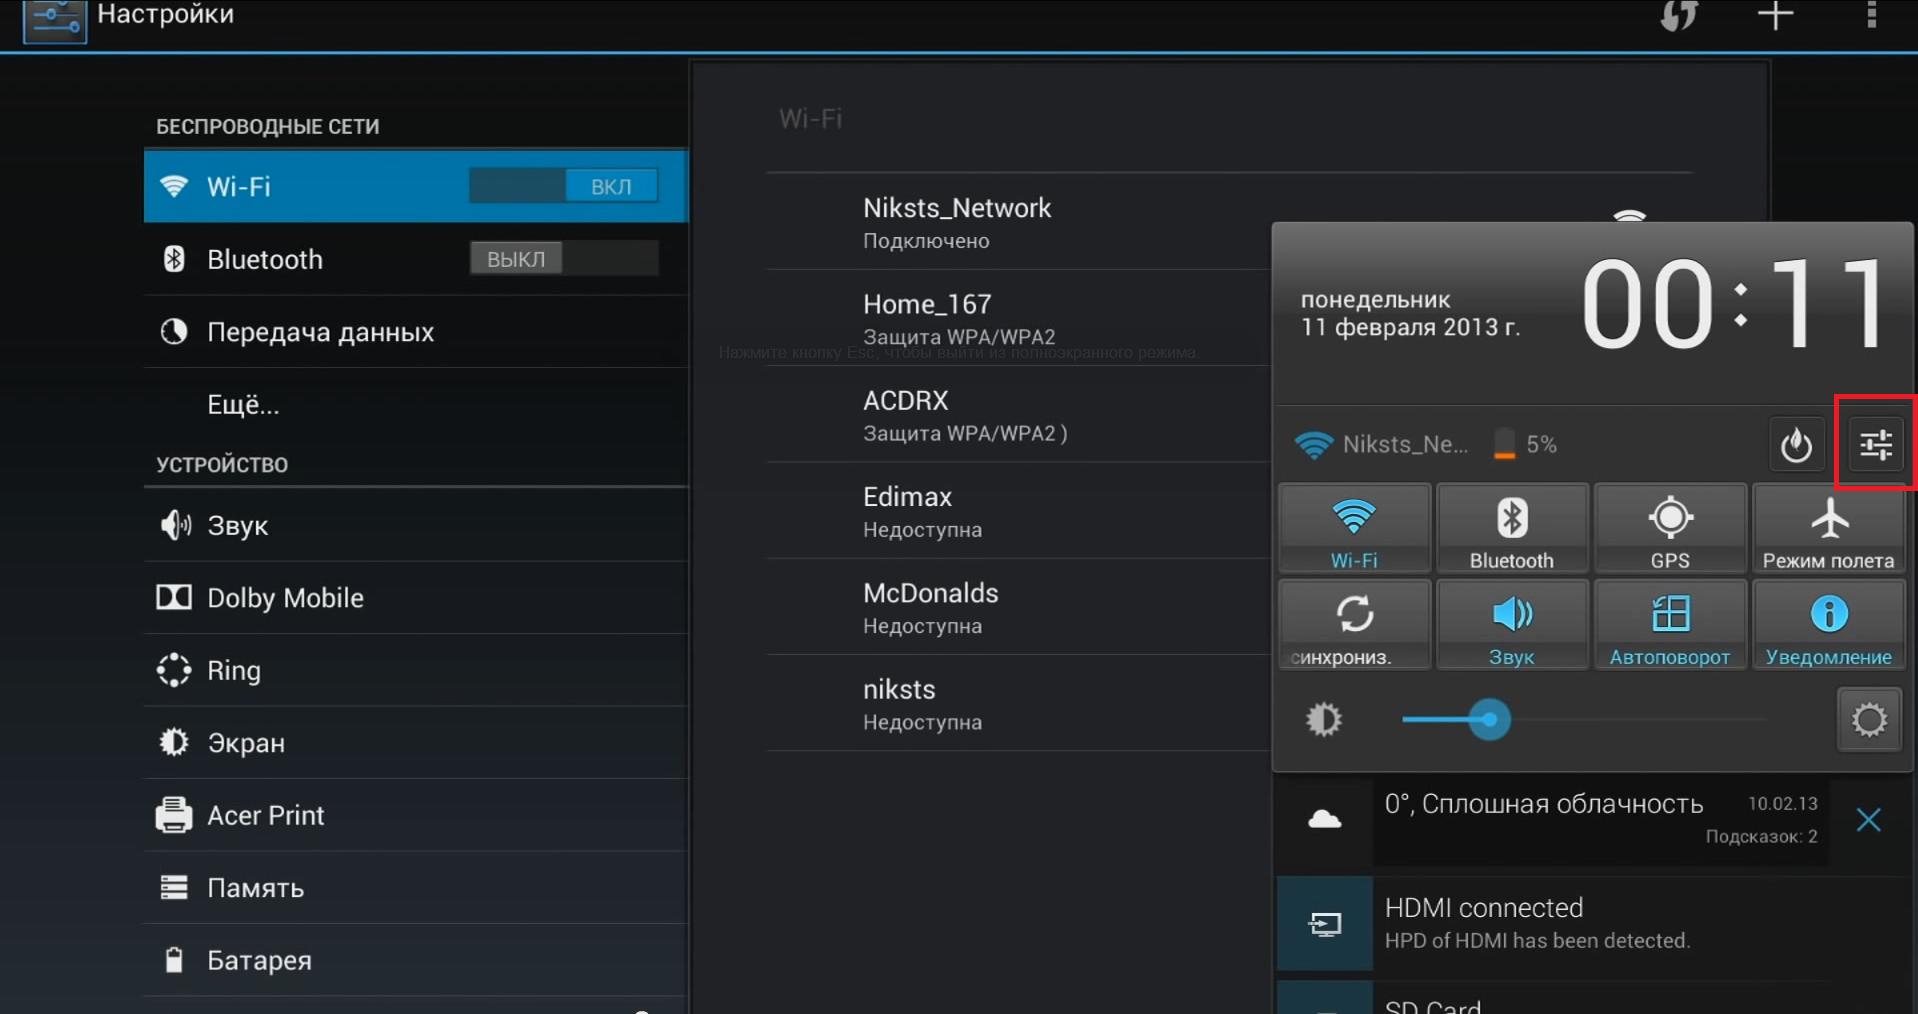 nastroika-WiFi-na-planshete-android-3